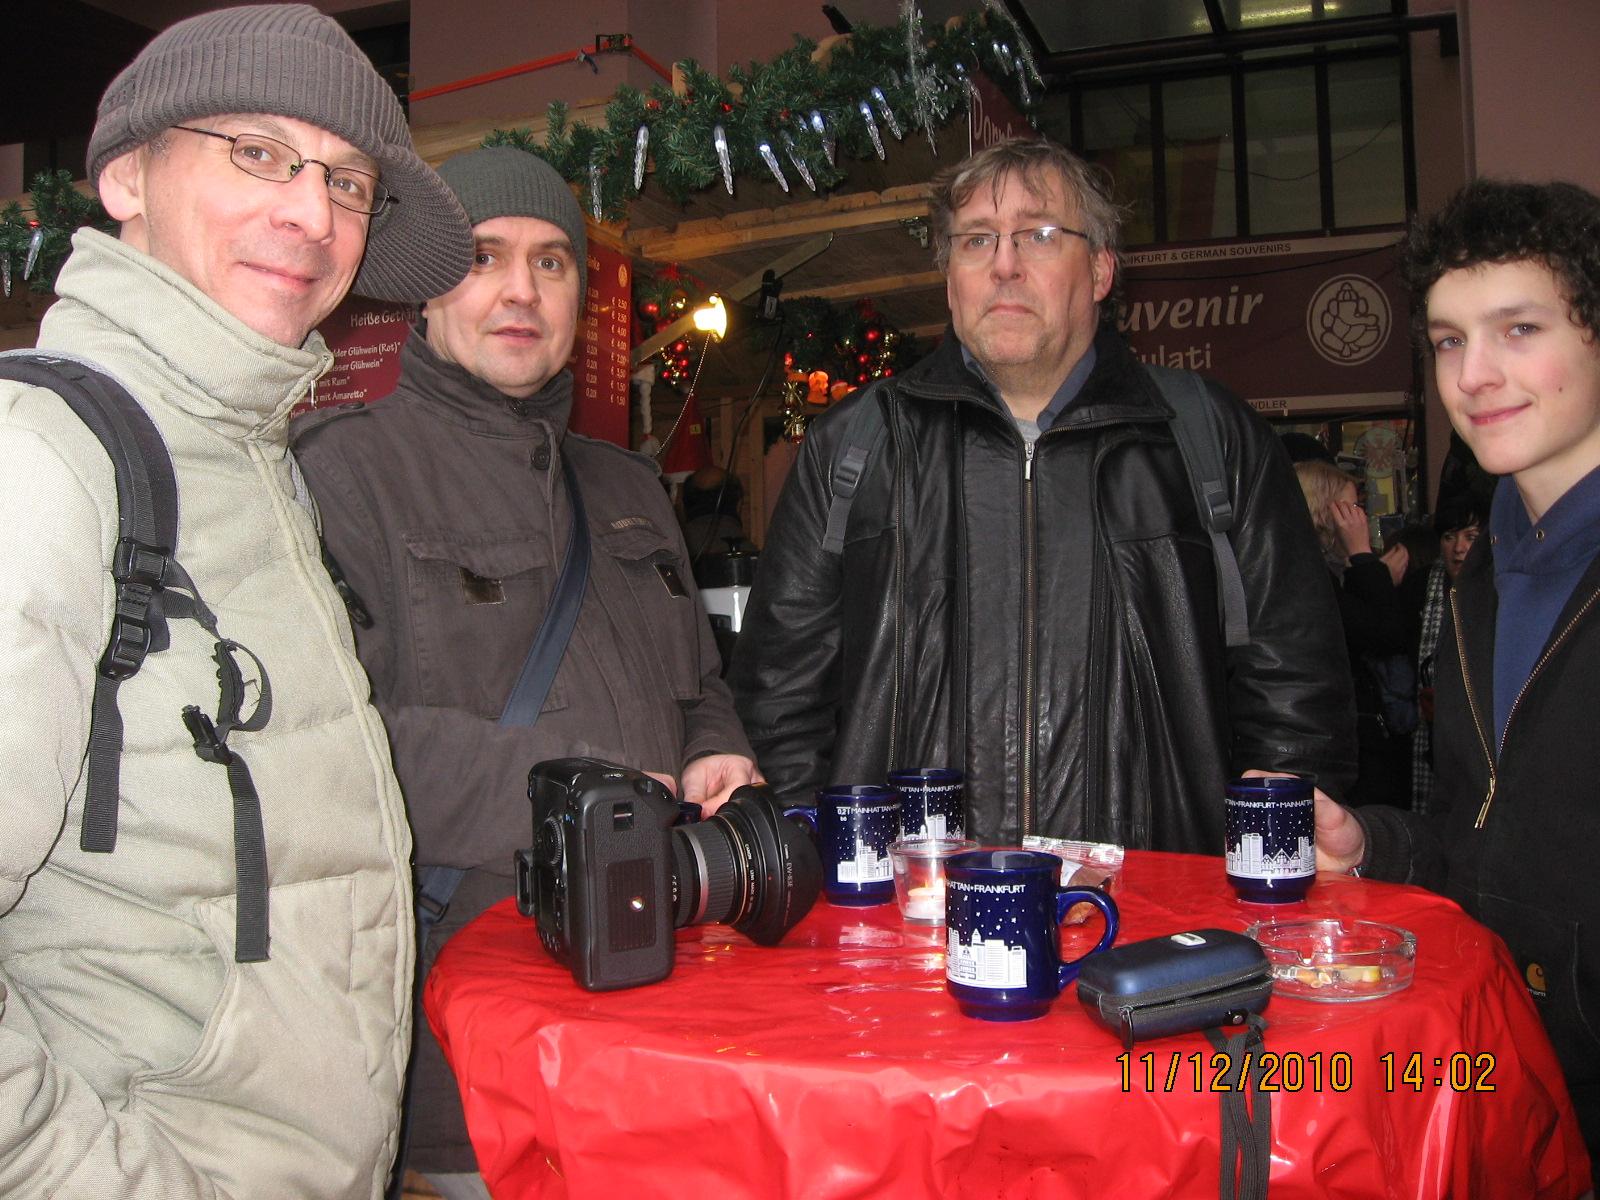 Weihnachtsmarkt Römer FFM 2010